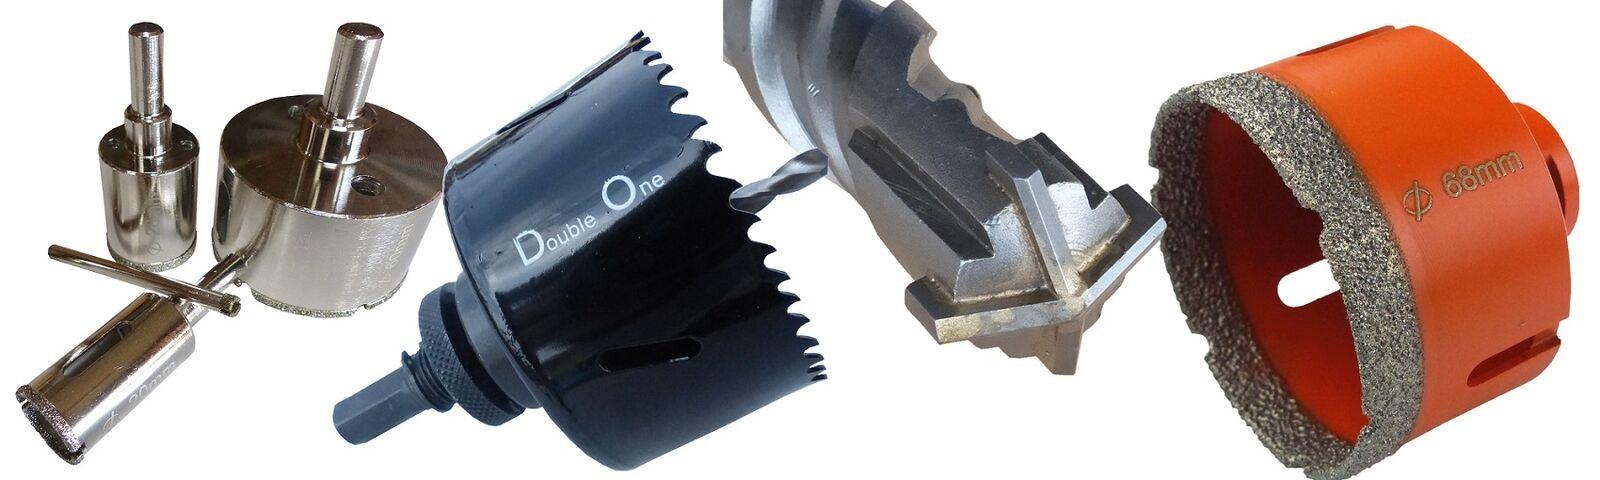 motors-shop63